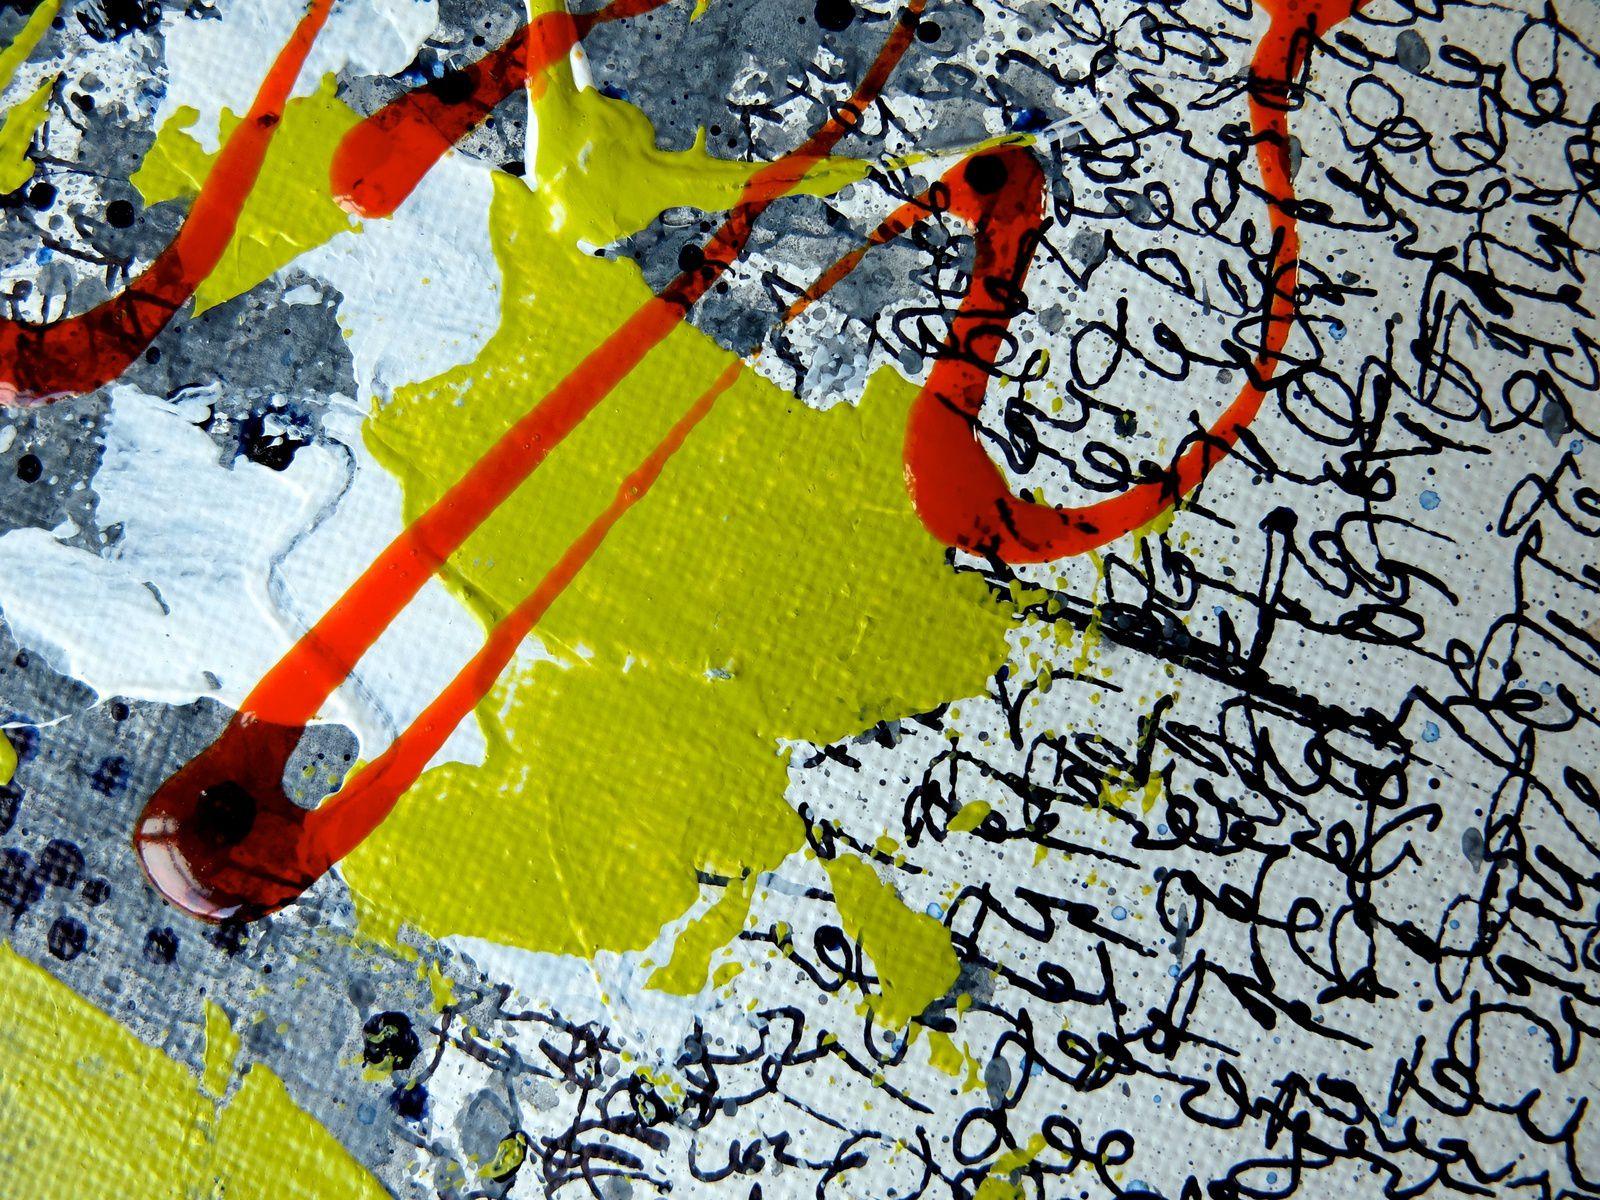 murmures et chuchotements-detail-©chrisclaisse